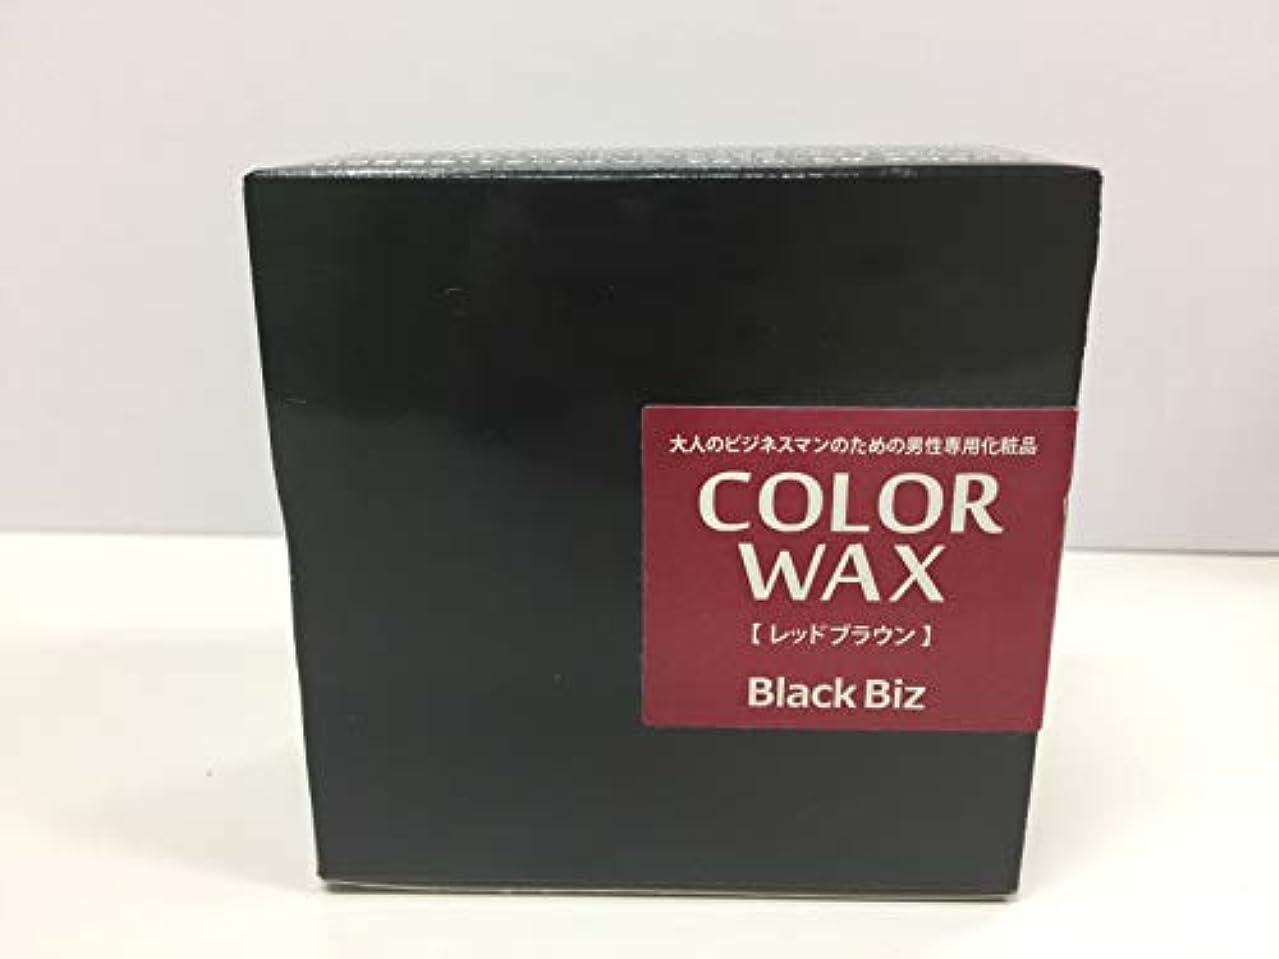 ヘルシー海賊賭け大人のビジネスマンのための男性専用化粧品 BlackBiz COLOR WAX ブラックビズ カラーワックス 【レッドブラウン】